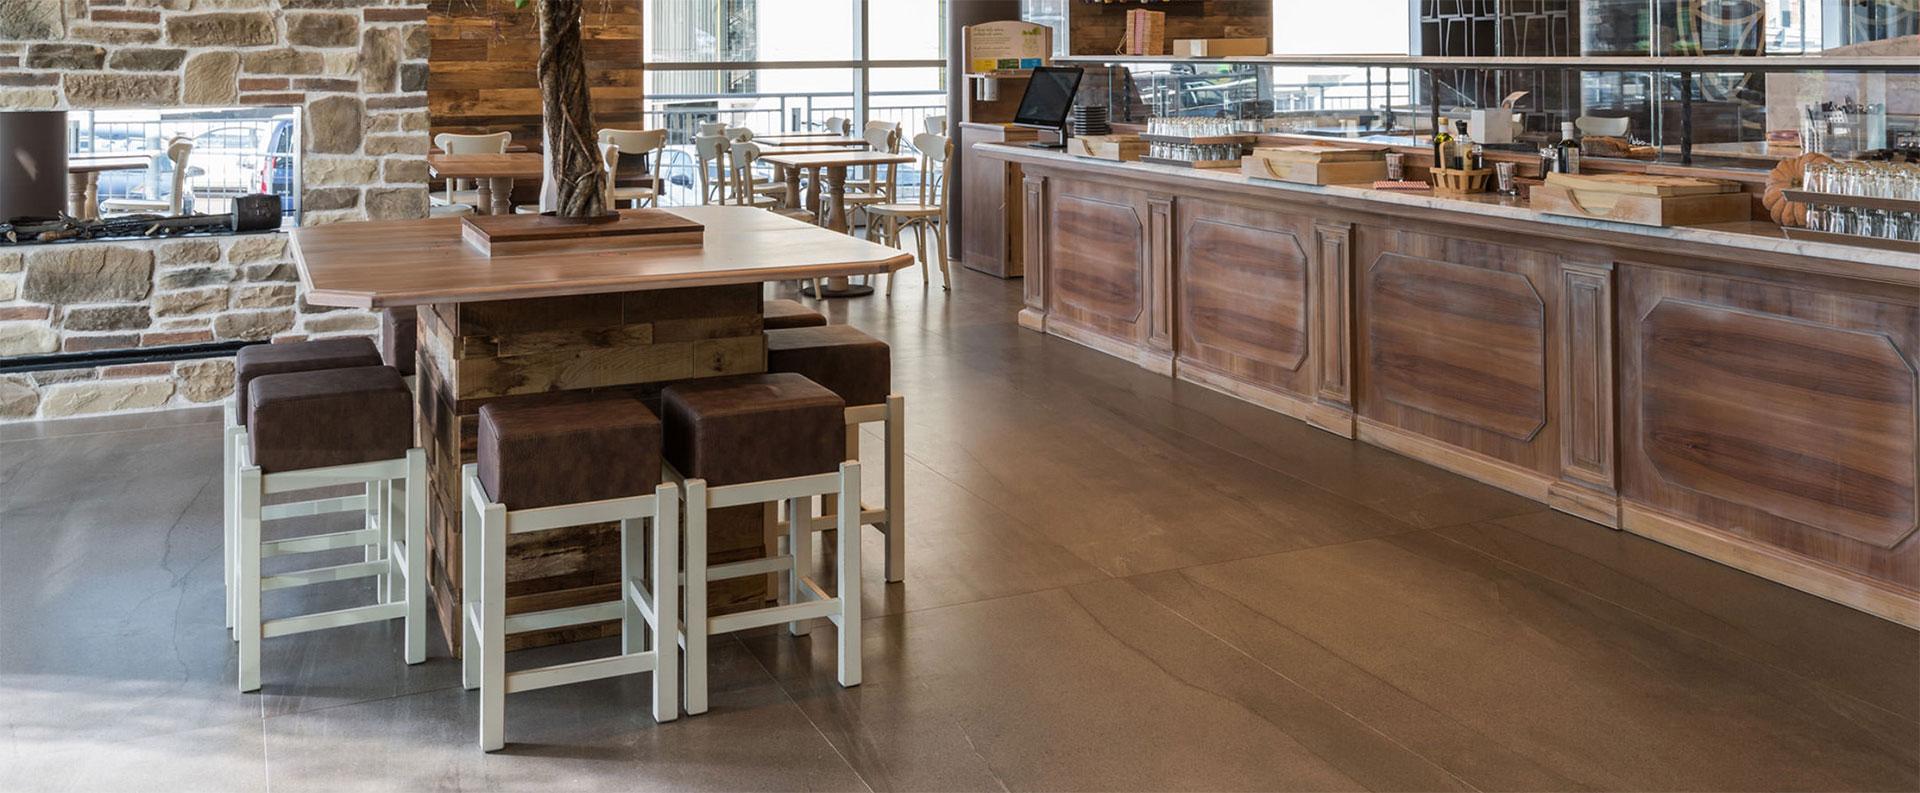 Oberflächen für Bars und Restaurants. Die Feinsteinzeugkollektionen FMG